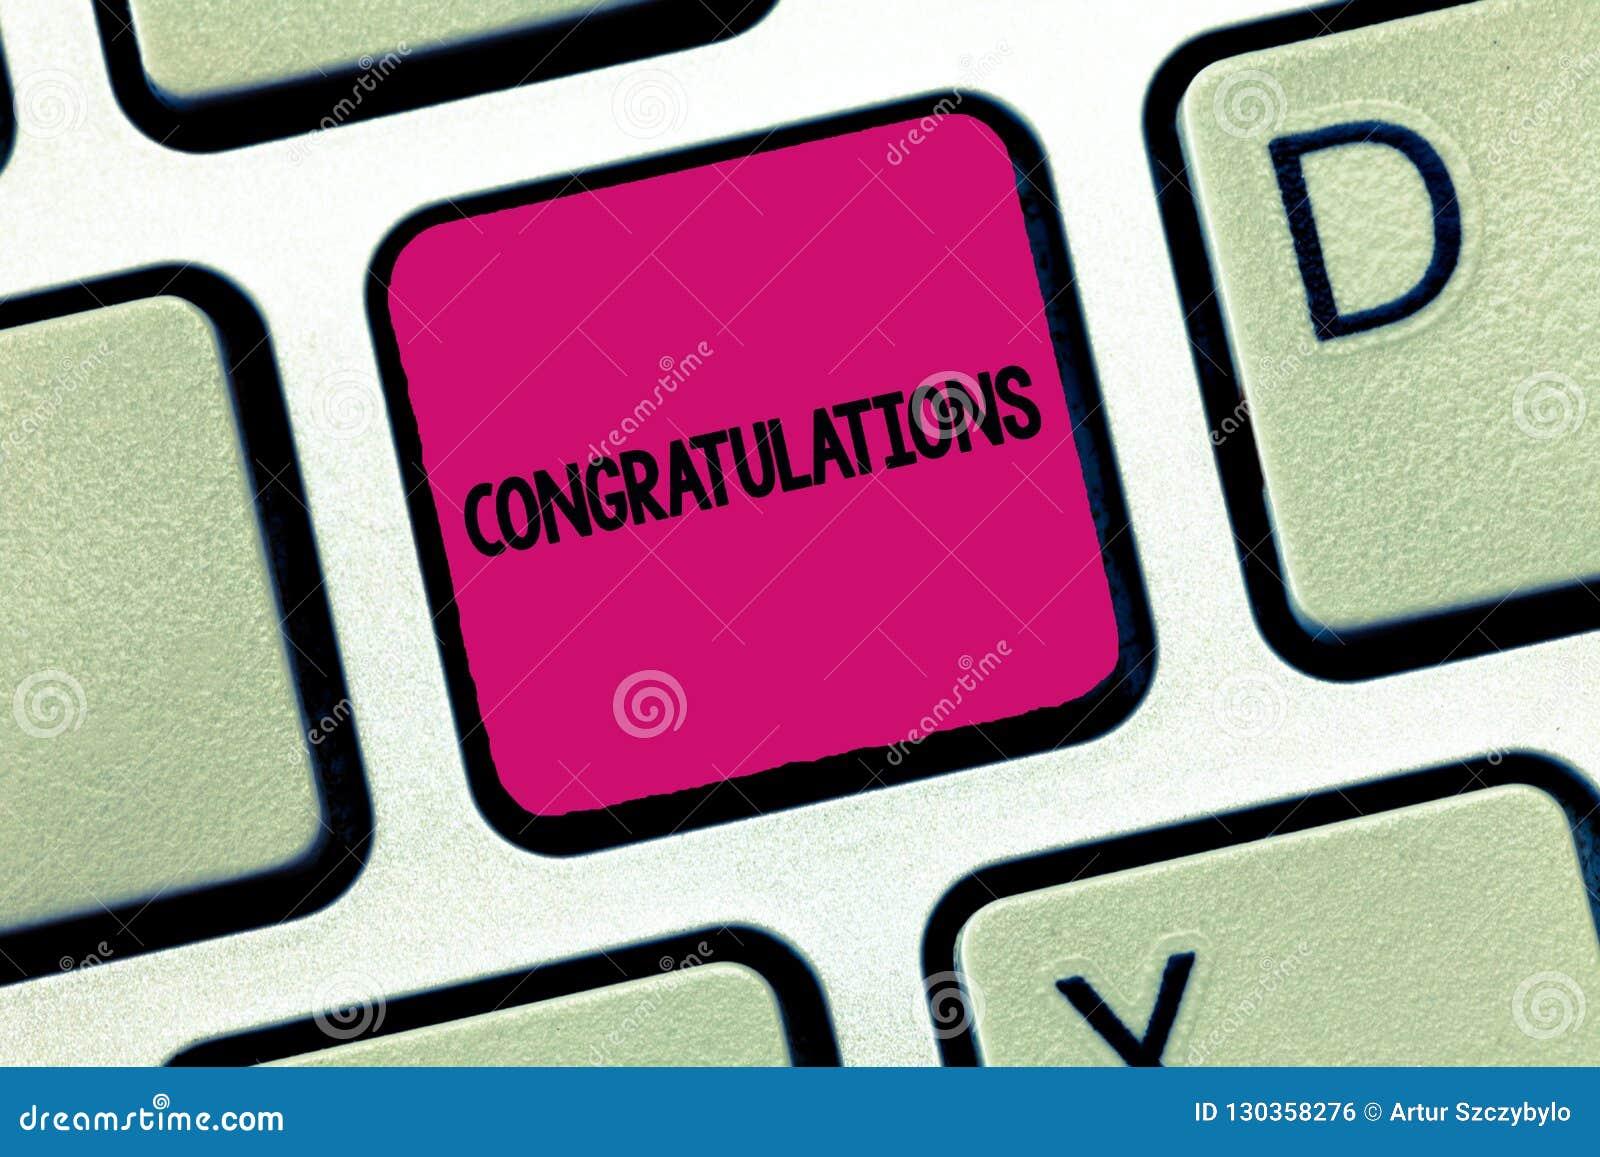 Σημάδι κειμένων που παρουσιάζει συγχαρητήρια Εννοιολογική φωτογραφία που εκφράζει τον έπαινο για ένα επίτευγμα κάποιου καλές επιθ